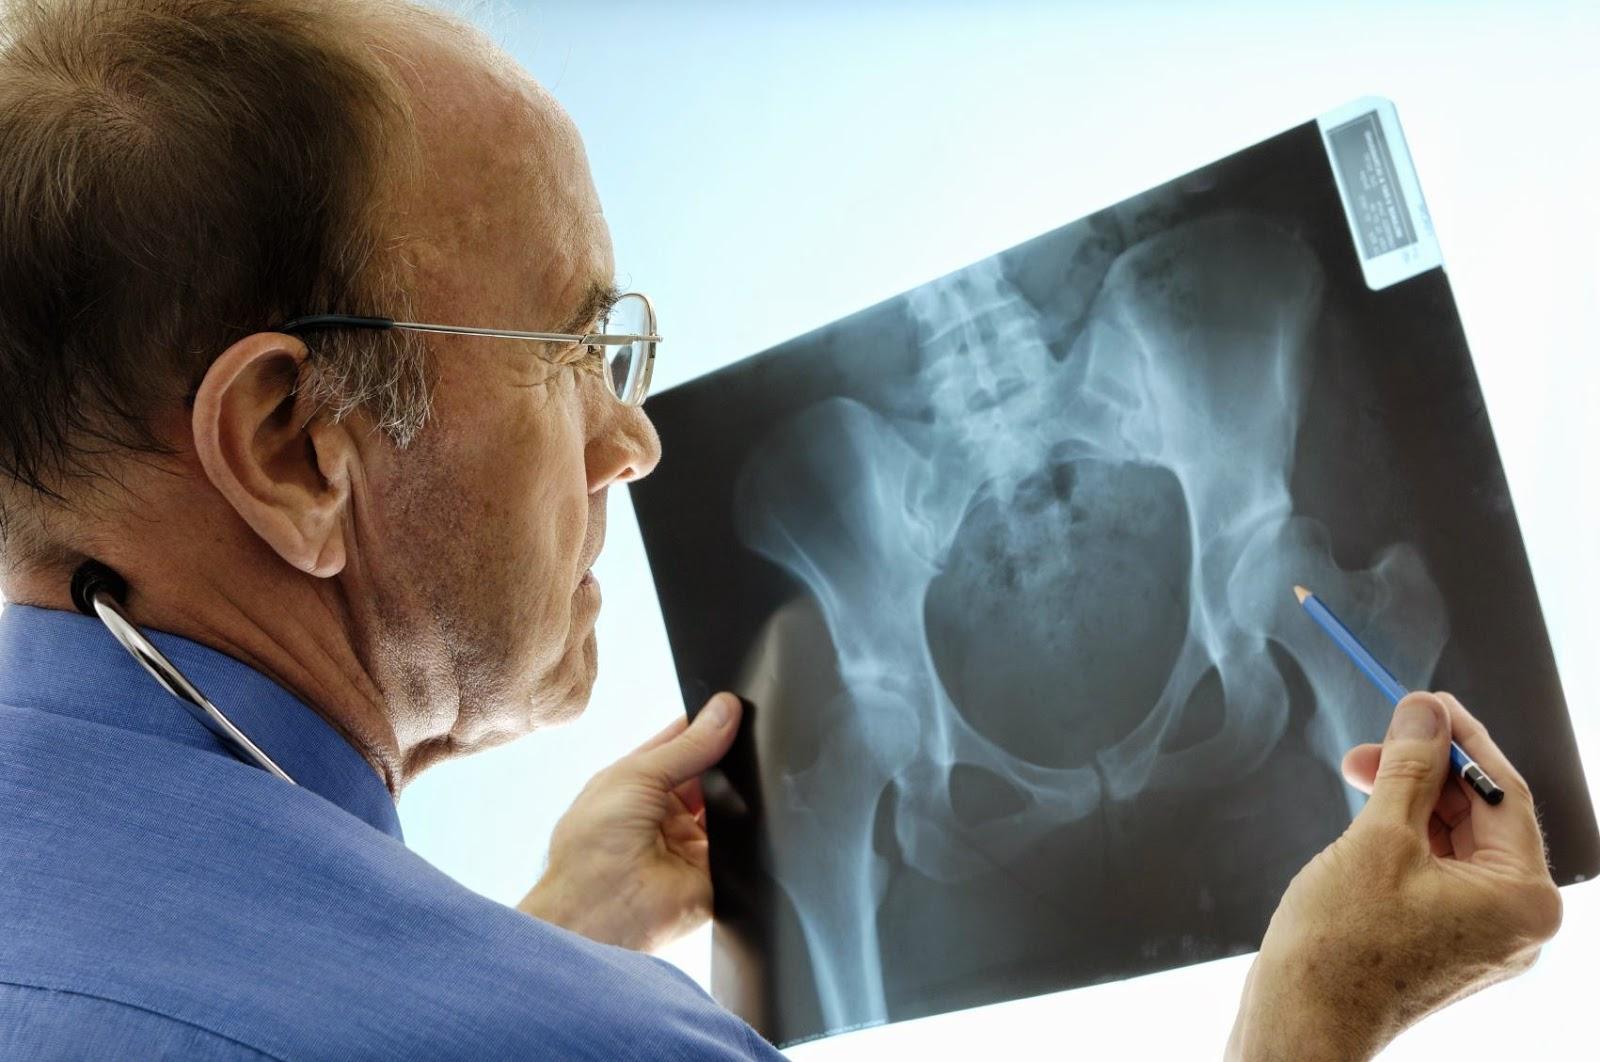 Pruebas y Exámenes comprobar osteoporosis